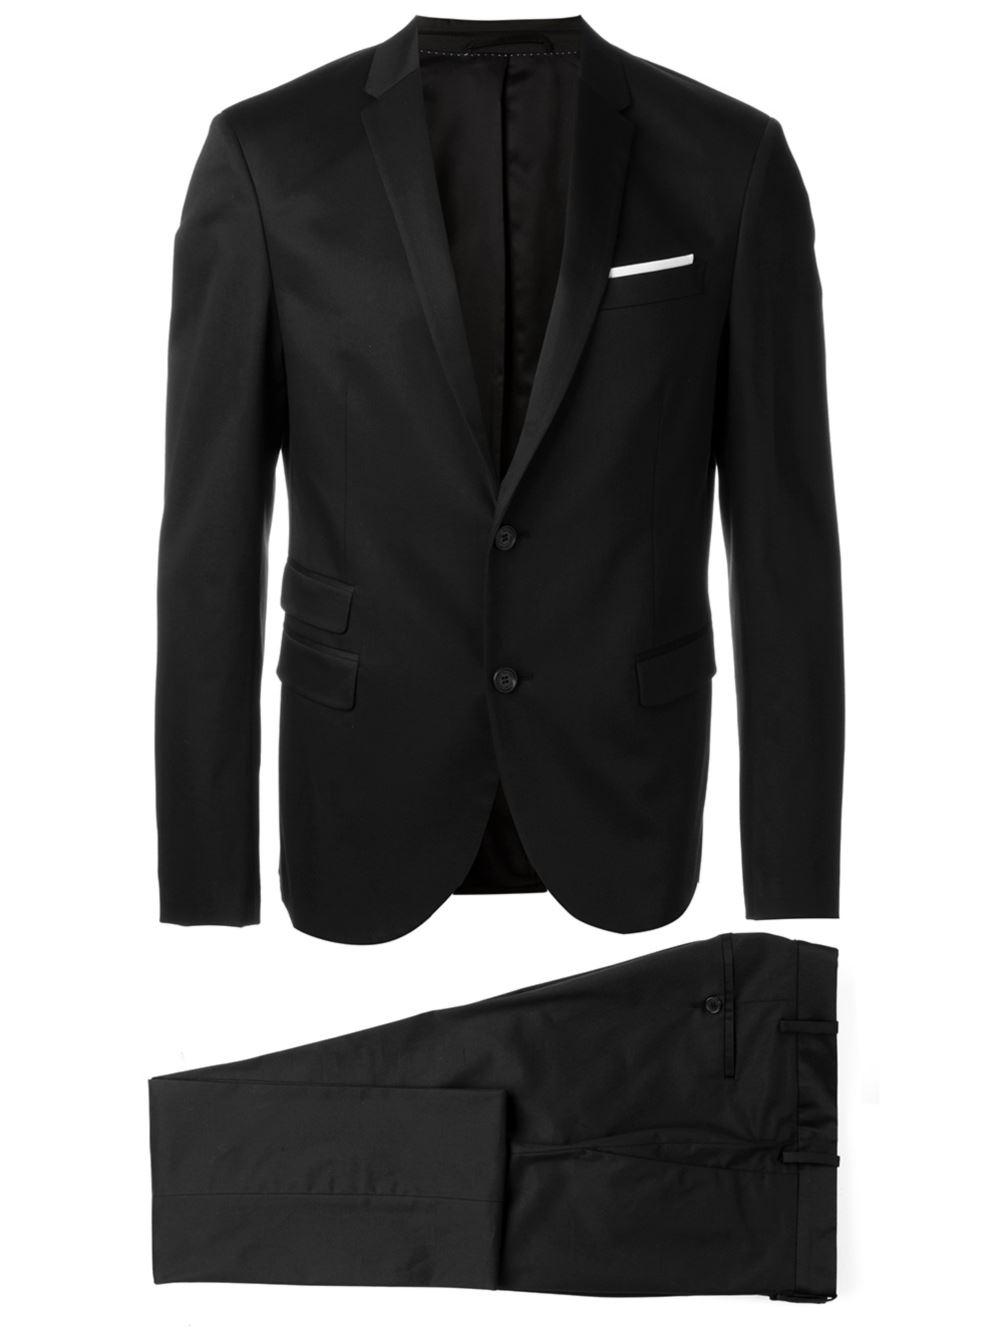 Lyst neil barrett classic formal suit in black for men for Neil barrett tuxedo shirt